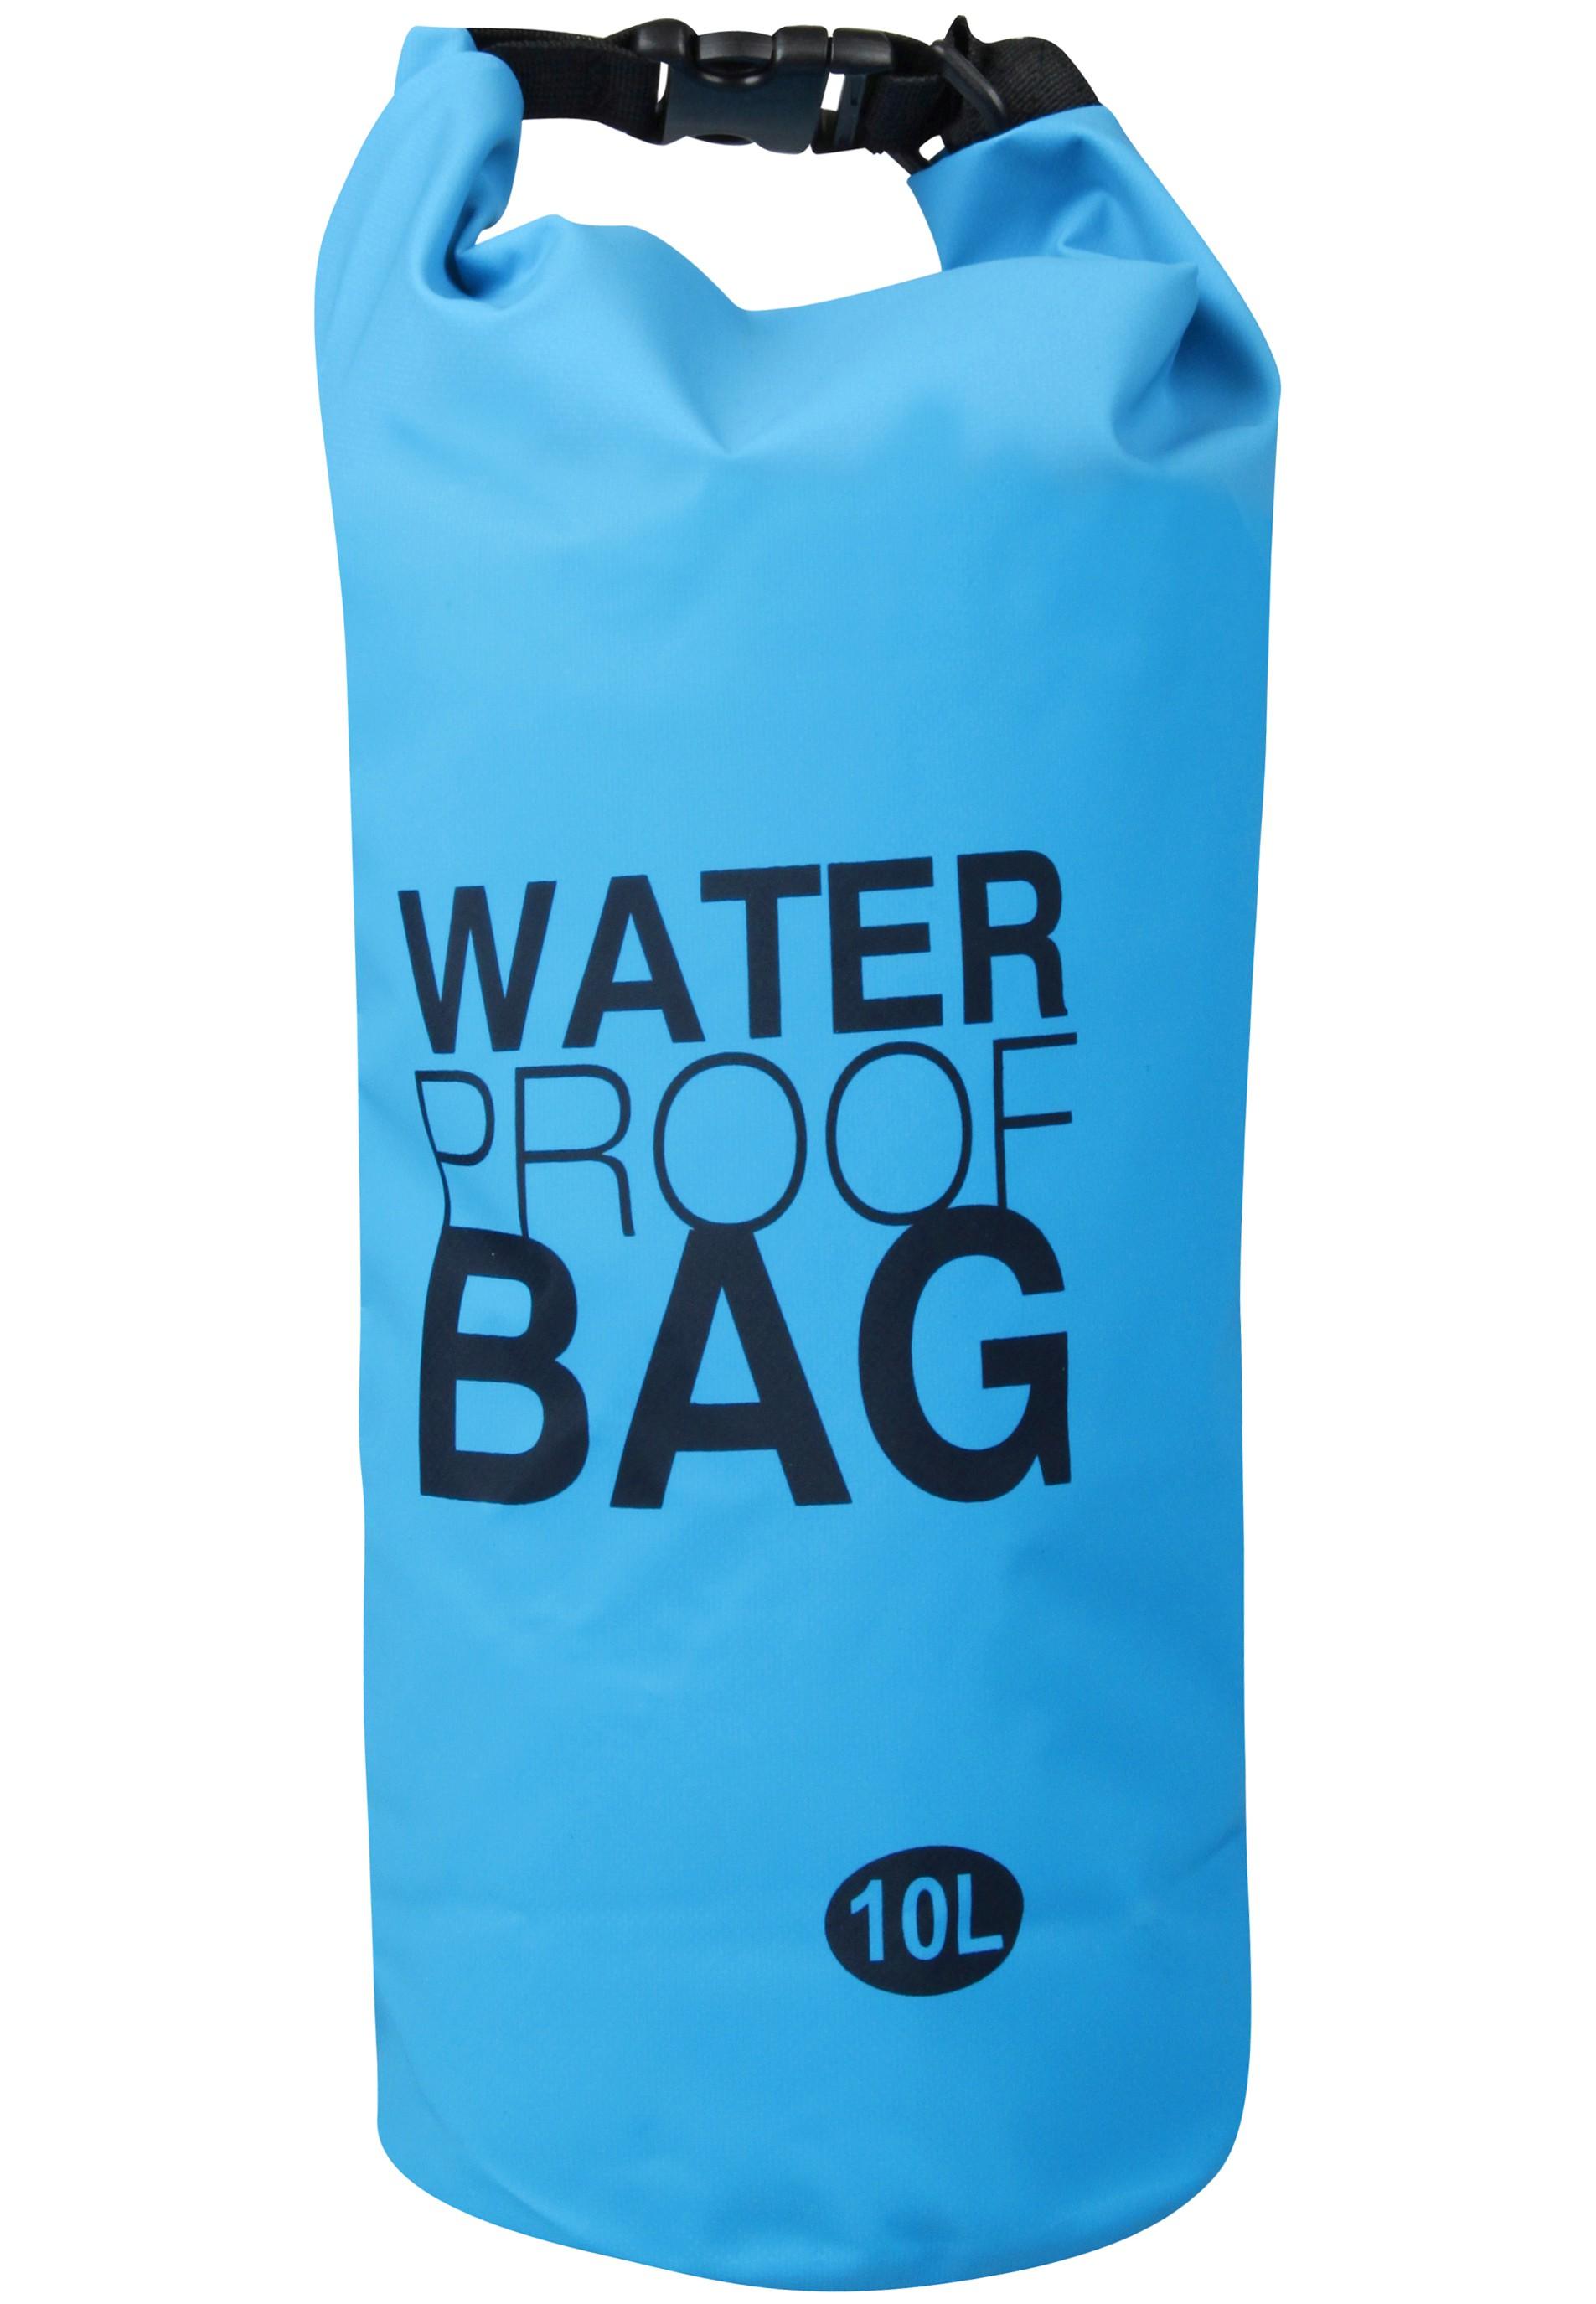 Wasserfeste Tasche für Wertsachen und Elektroartikel, 10L